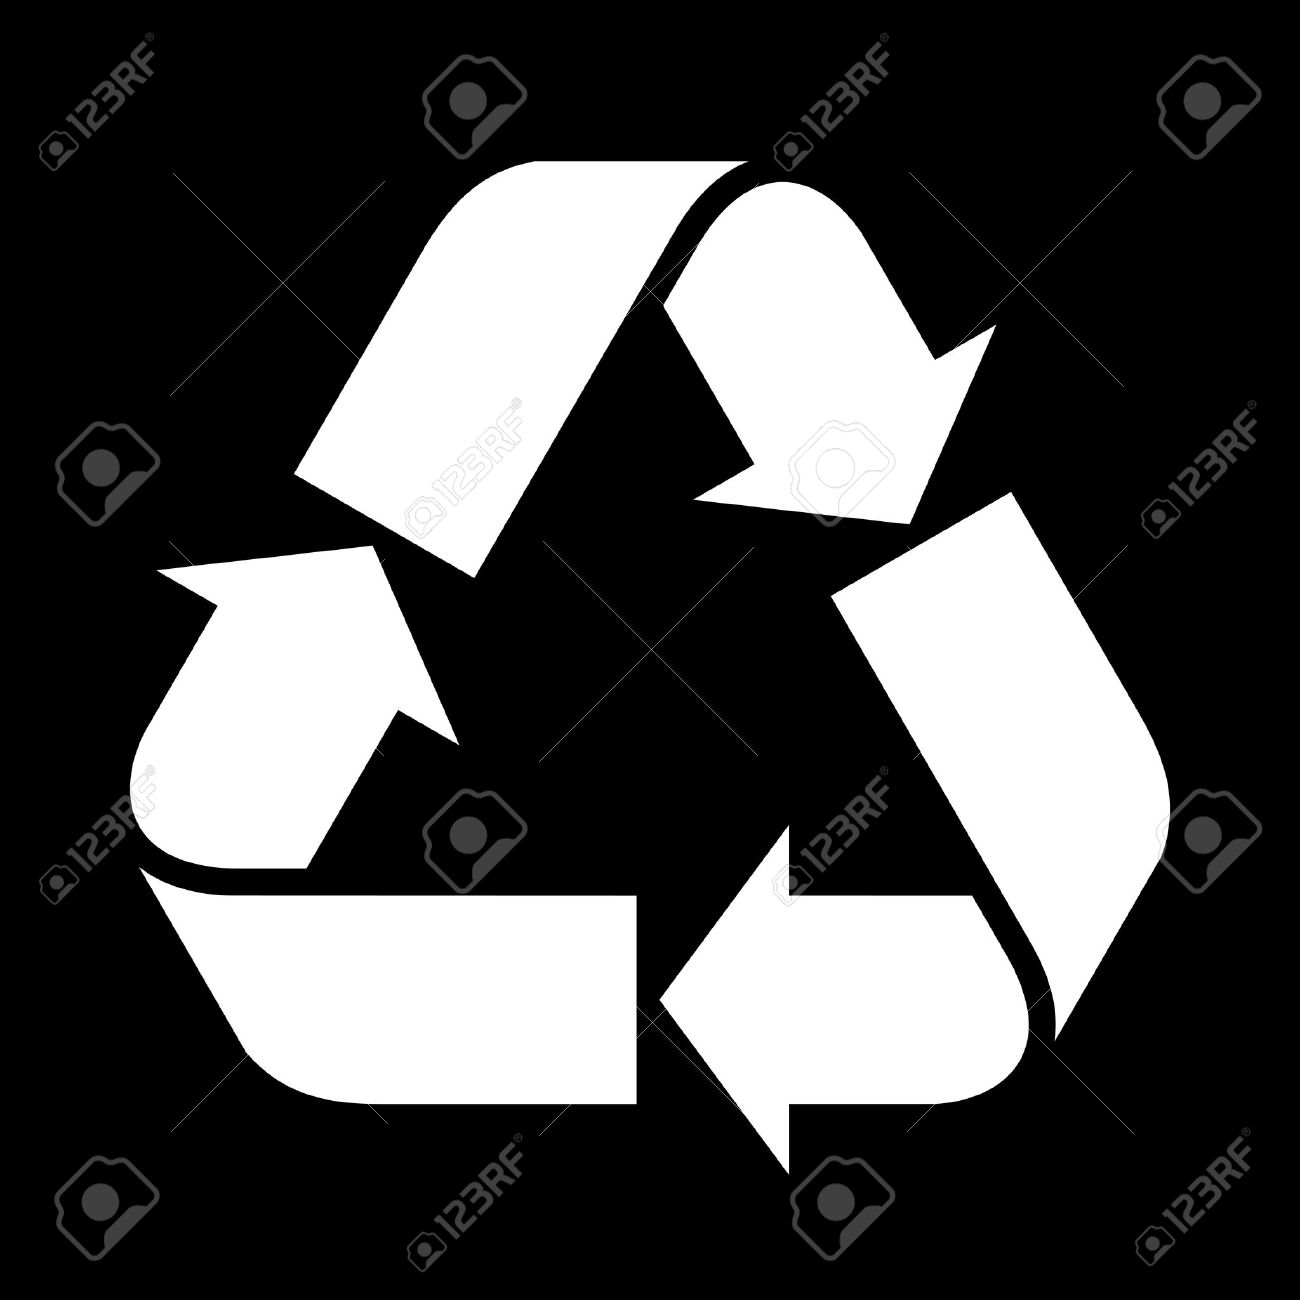 Paper symbol